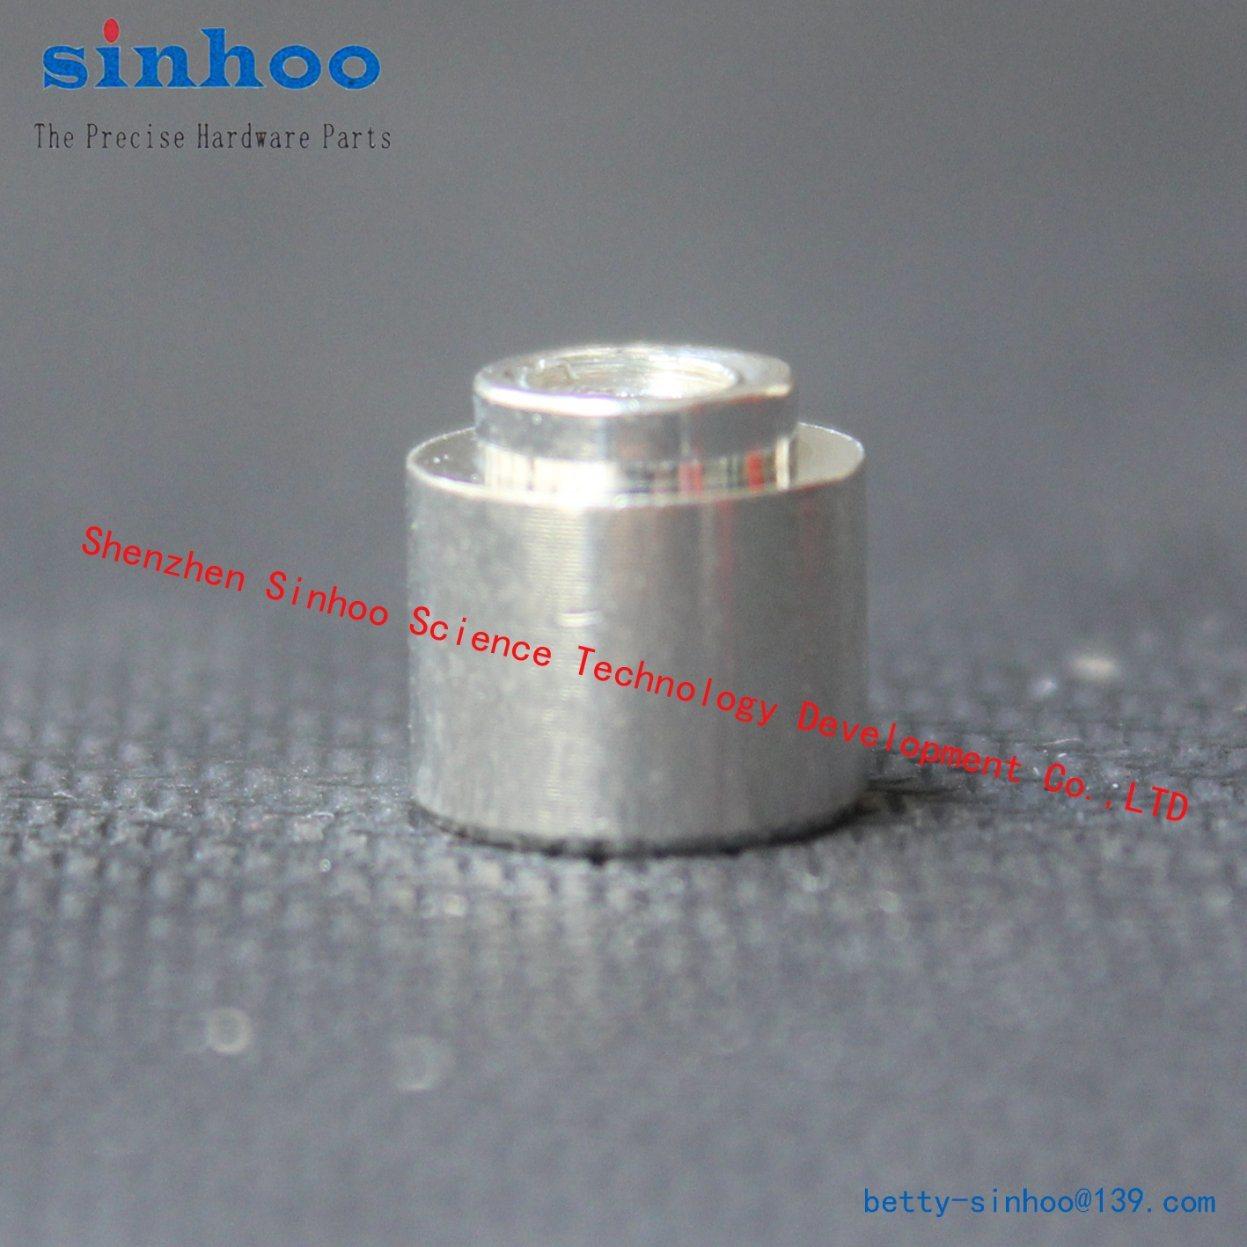 Smtso-M4-3et Standoff Weld Nut Solder Nut, Bulk, Stock, Steel, Bulk